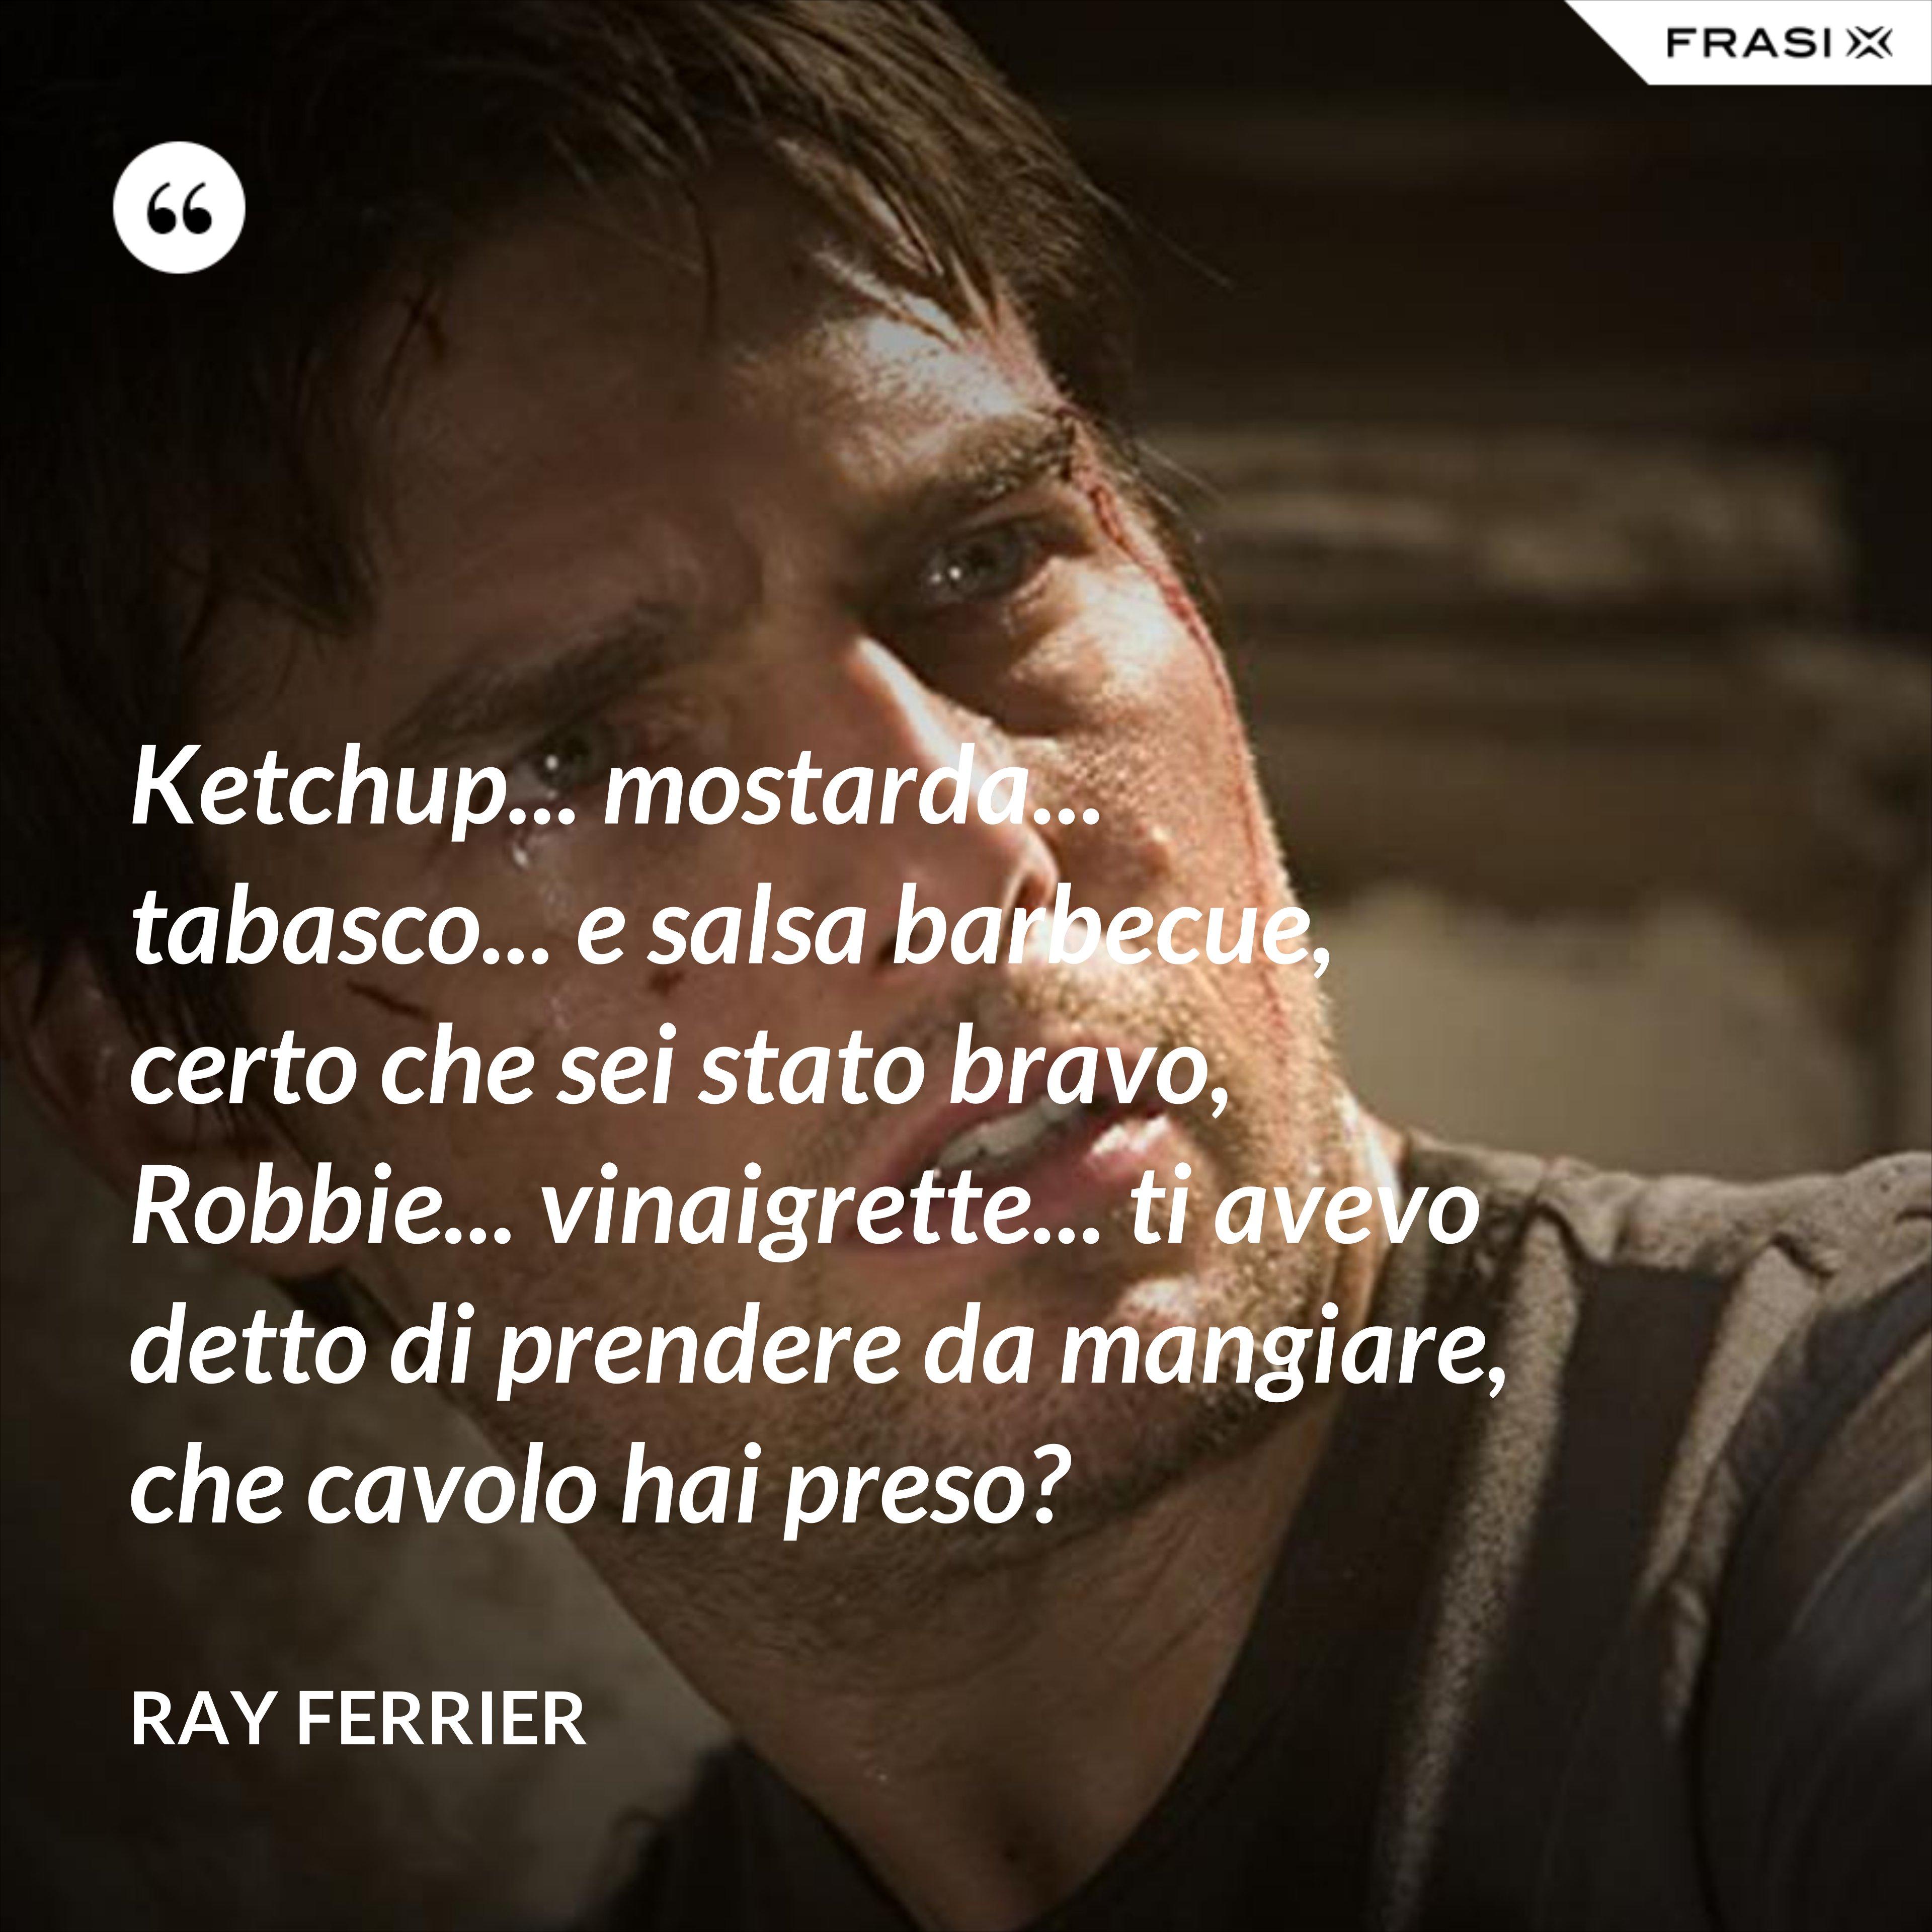 Ketchup... mostarda... tabasco... e salsa barbecue, certo che sei stato bravo, Robbie... vinaigrette... ti avevo detto di prendere da mangiare, che cavolo hai preso? - Ray Ferrier